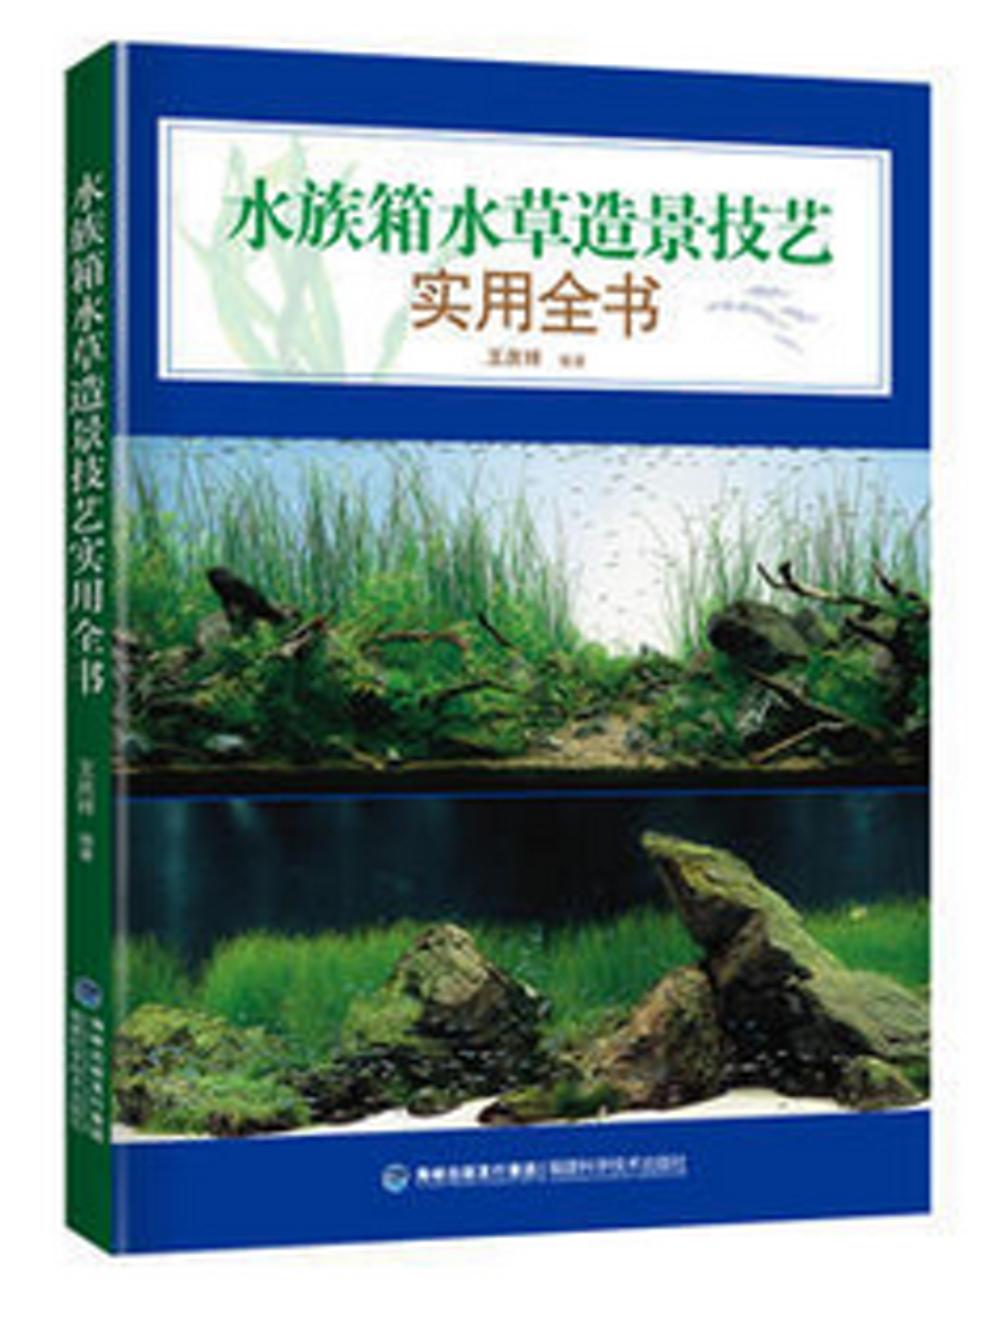 水族箱水草造景技藝實用全書